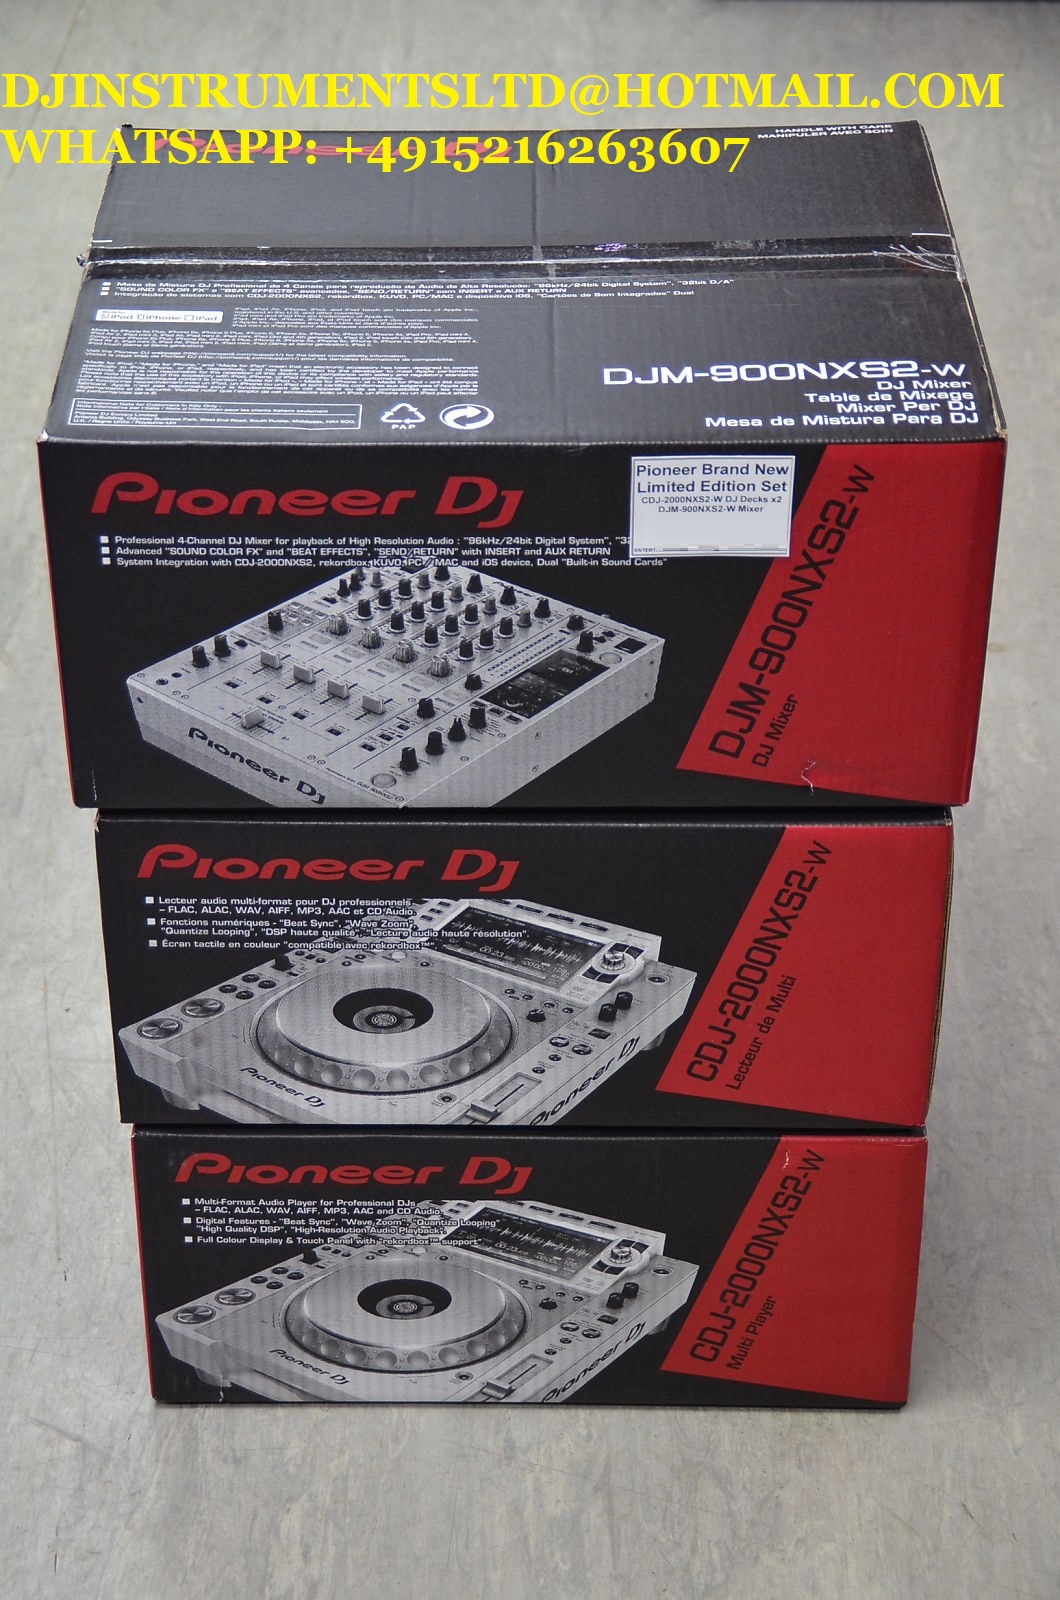 Pioneer CDJ-2000NXS2-W & DJM-900NXS2-W Limited Edition DJ Set Boxed edit musicshop